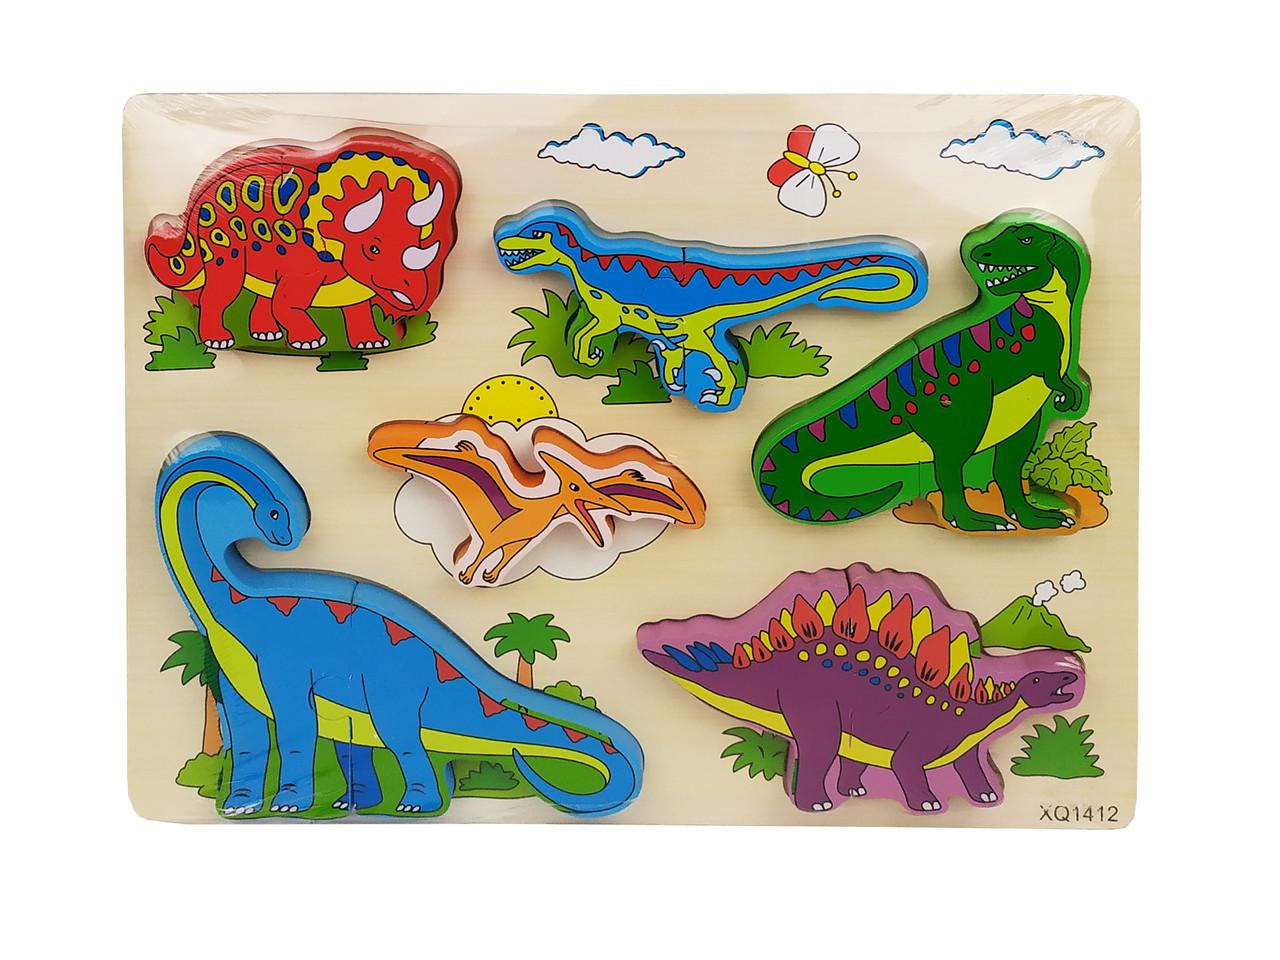 Деревянная игрушка Рамка-вкладыш MD 1213-8 (Динозавры) пазлы.